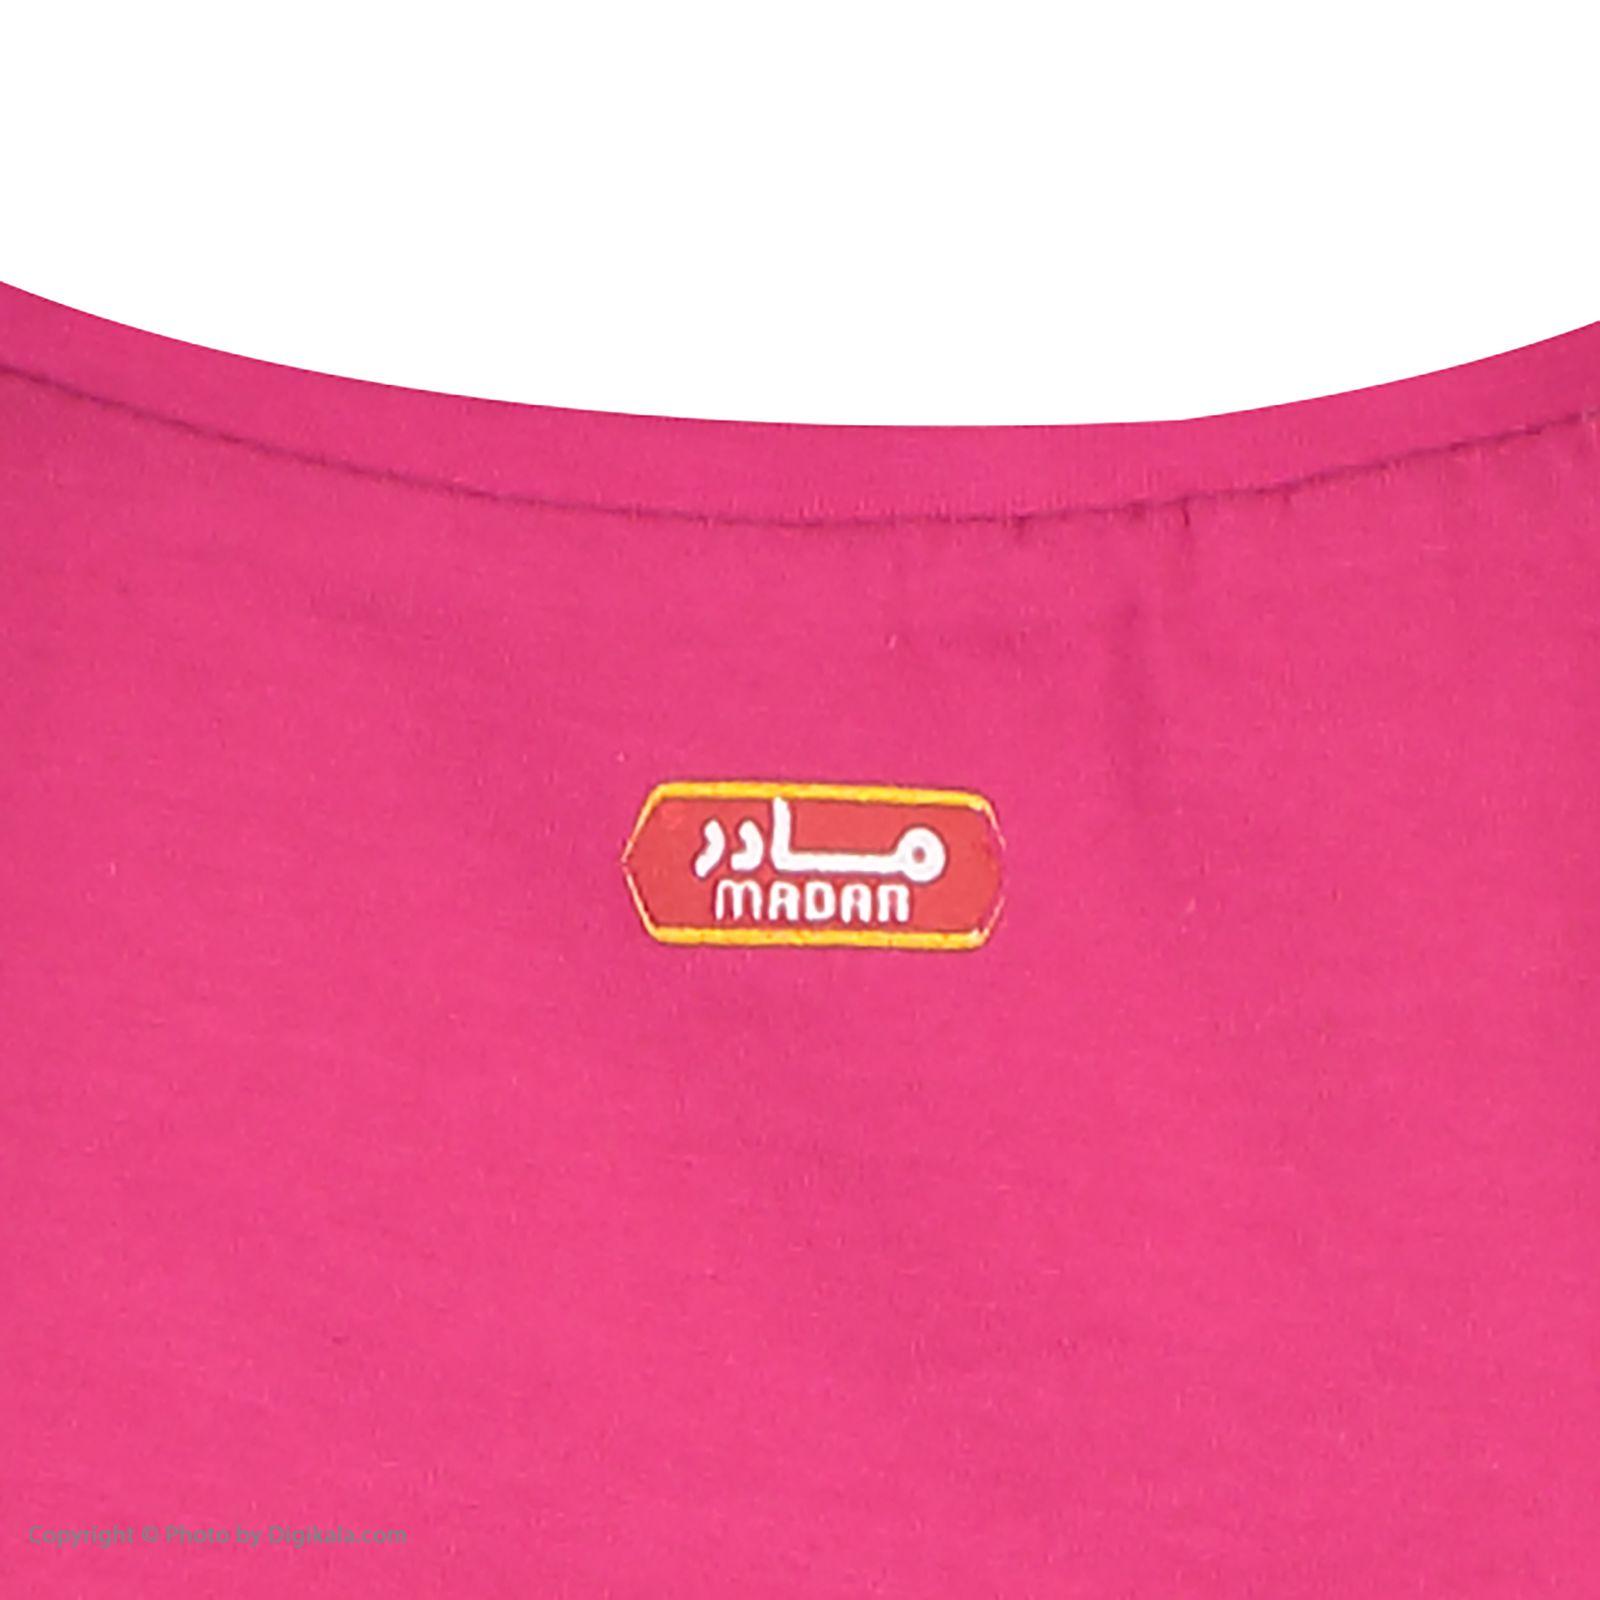 ست تی شرت و شلوارک راحتی زنانه مادر مدل 2041100-66 -  - 12